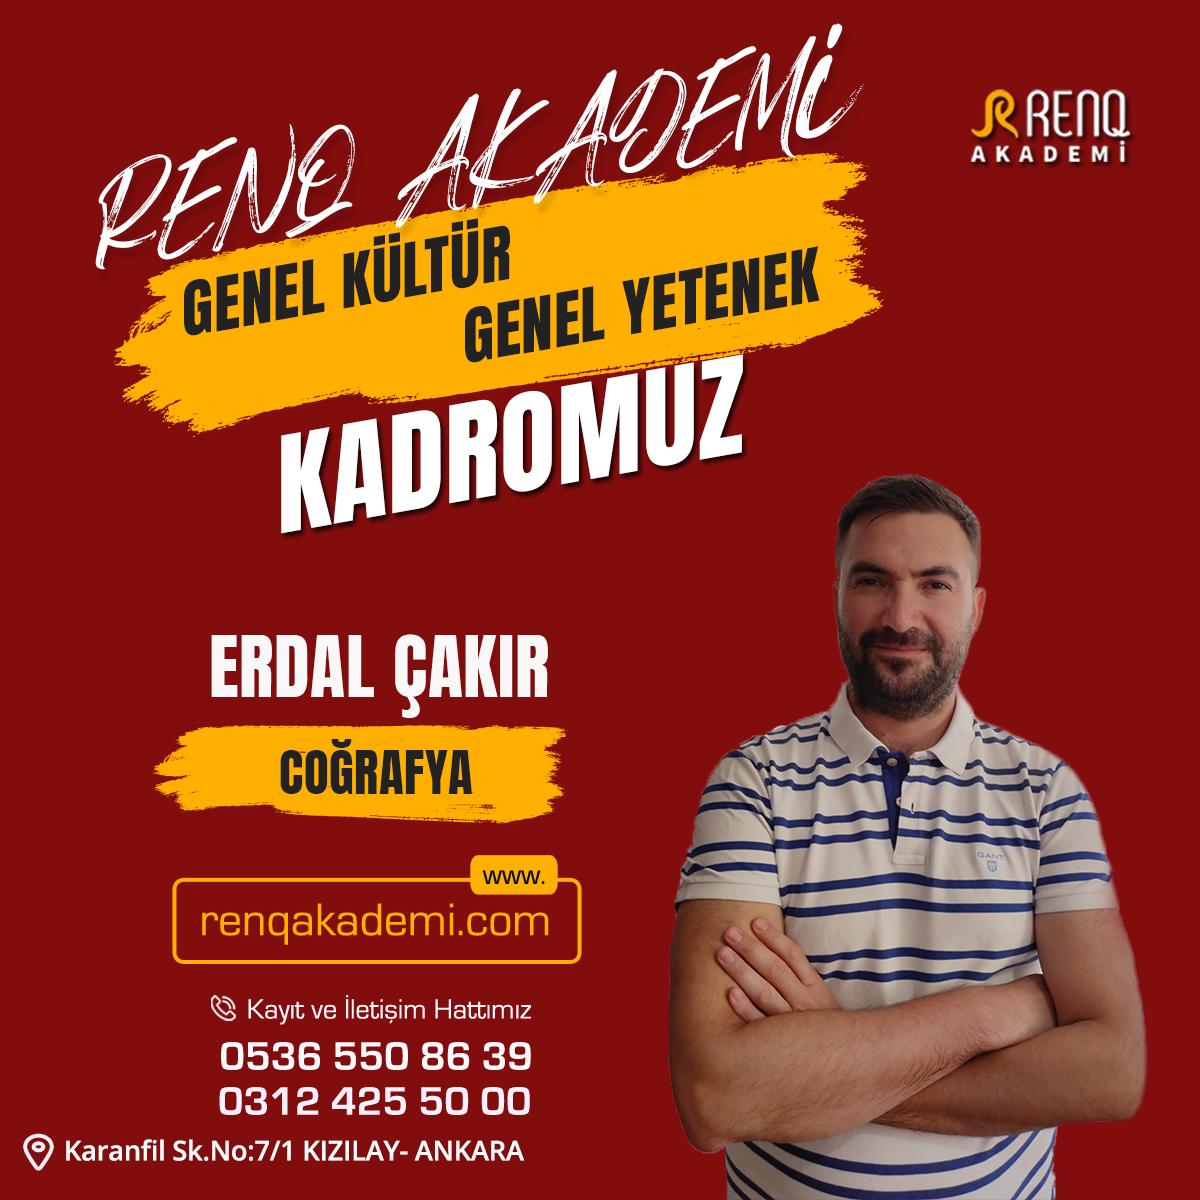 Erdal Çakır - Kadro